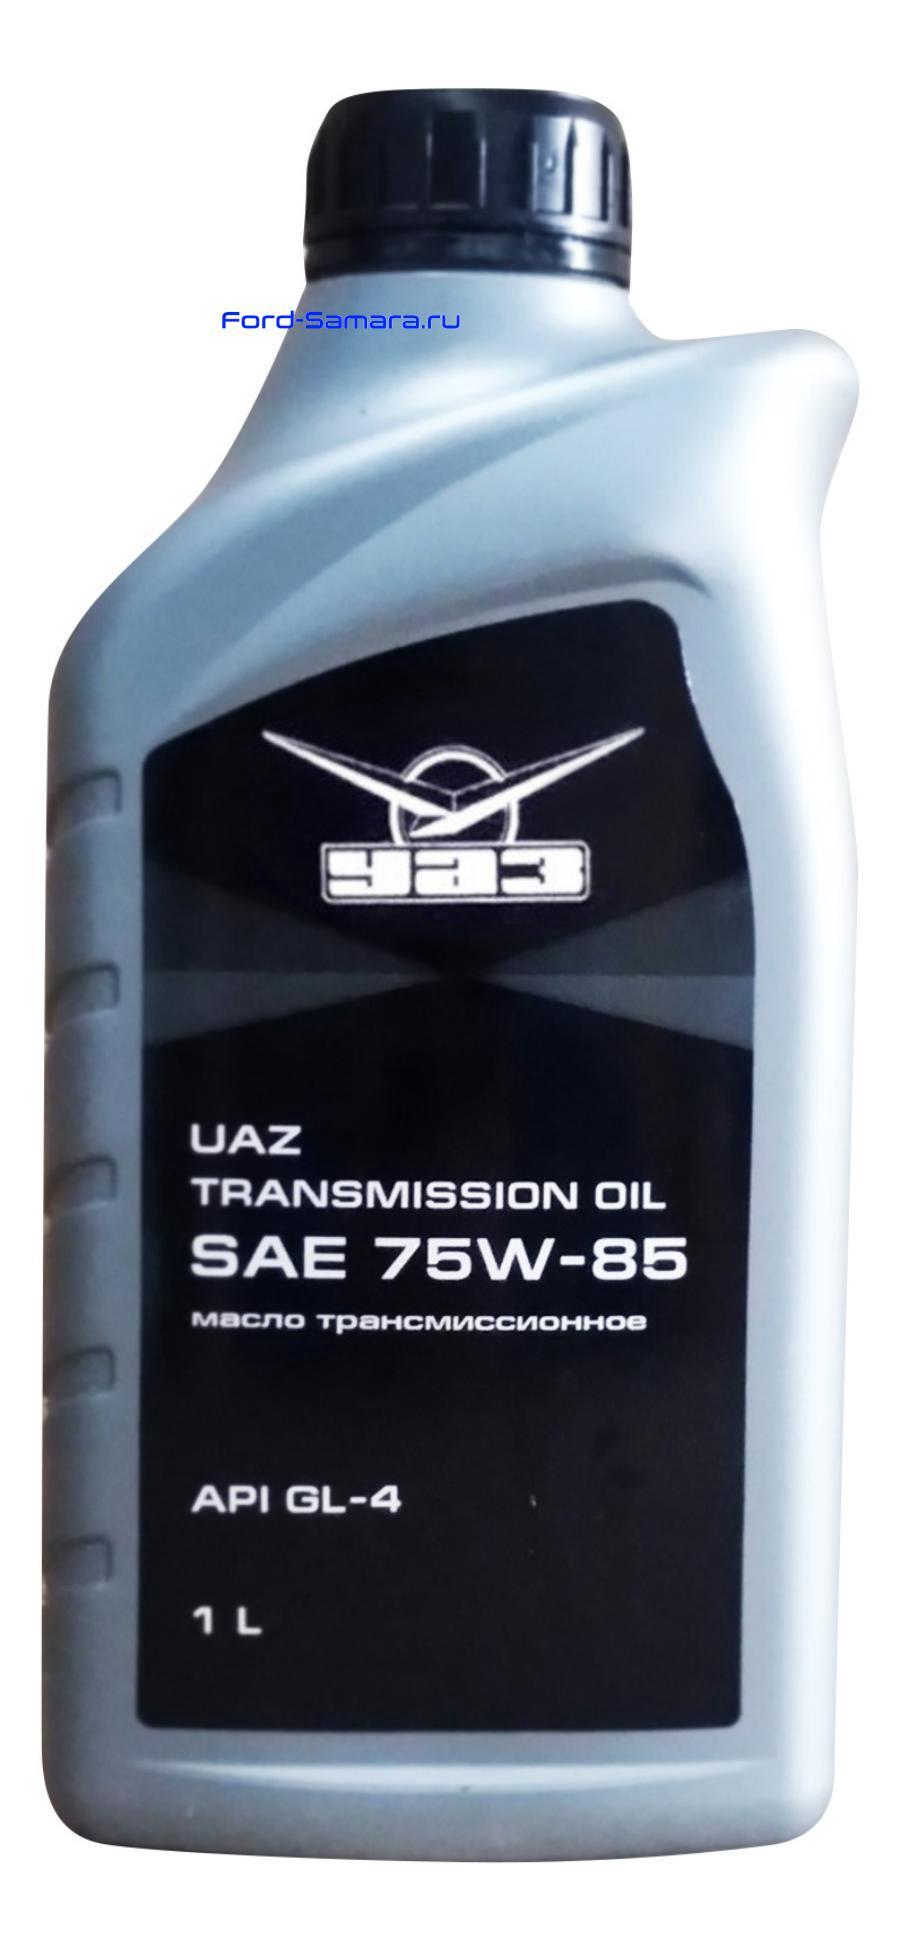 Масло трансмиссионное полусинтетическое Transmission Oil 75W-85, 1л